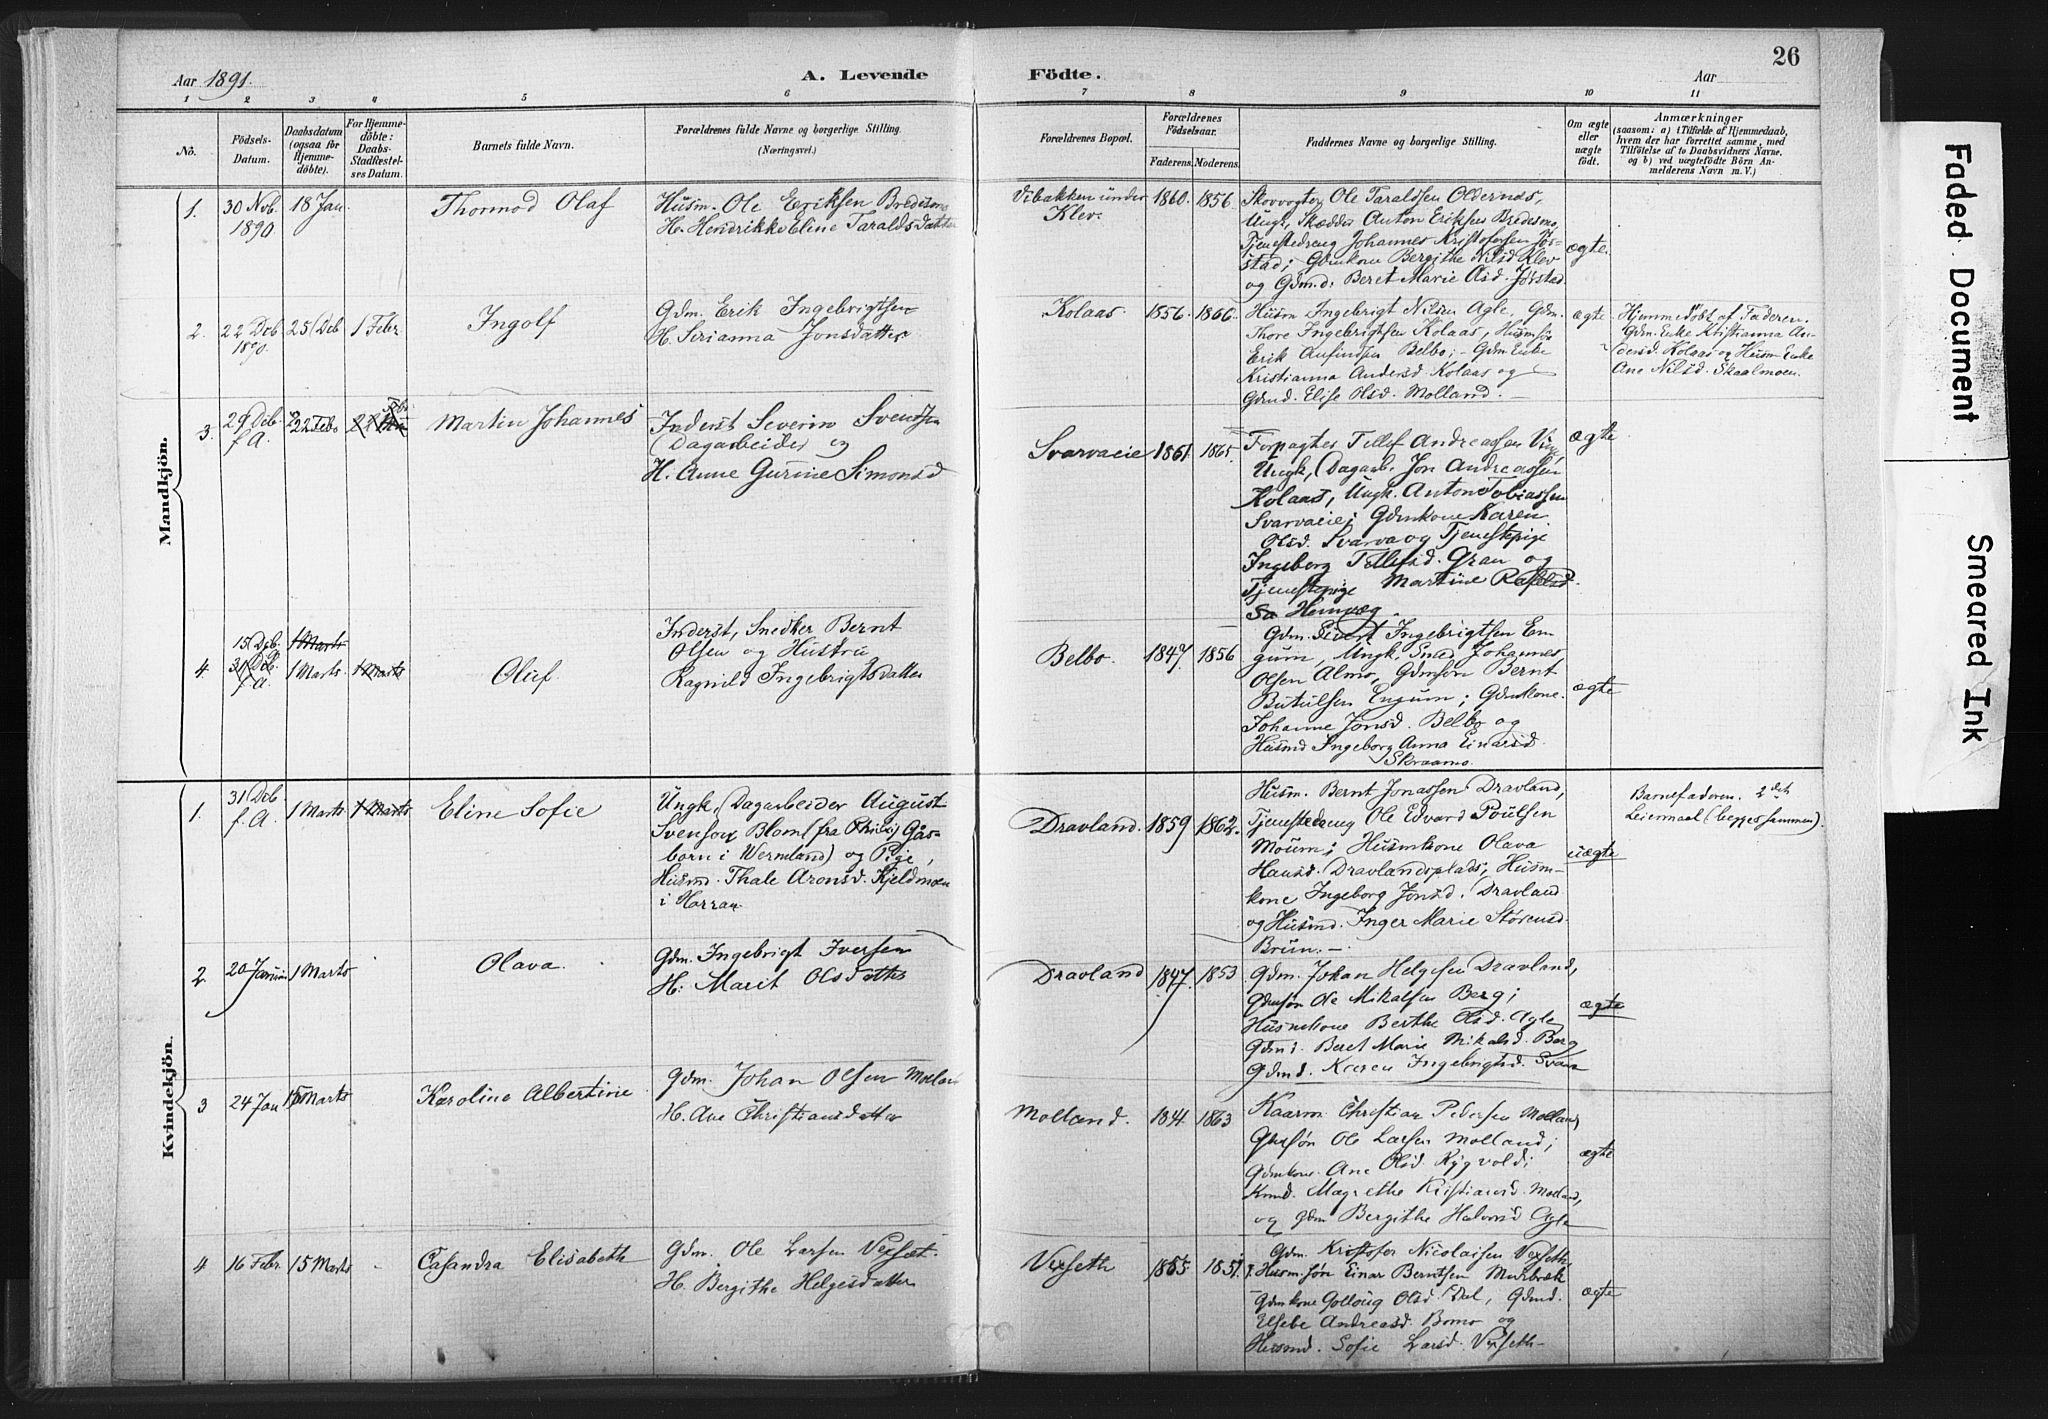 SAT, Ministerialprotokoller, klokkerbøker og fødselsregistre - Nord-Trøndelag, 749/L0474: Ministerialbok nr. 749A08, 1887-1903, s. 26